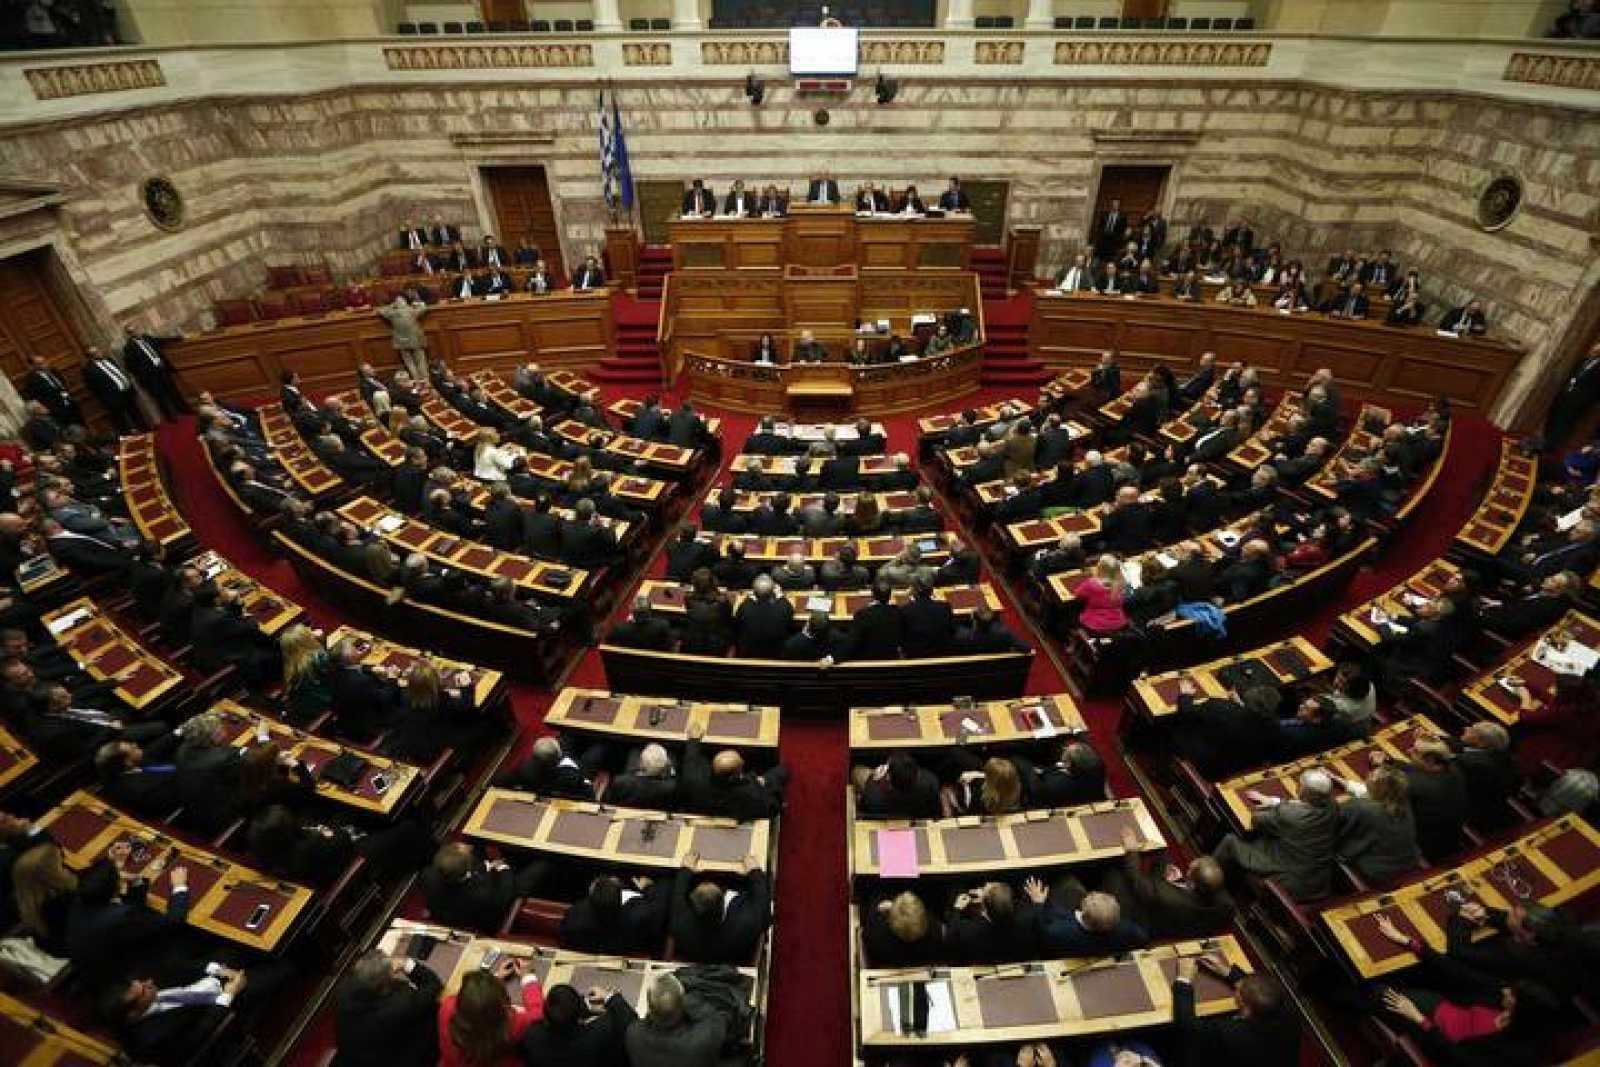 Vista general del hemiciclo durante las votaciones para elegir al presidente griego en el Parlamento en Atenas